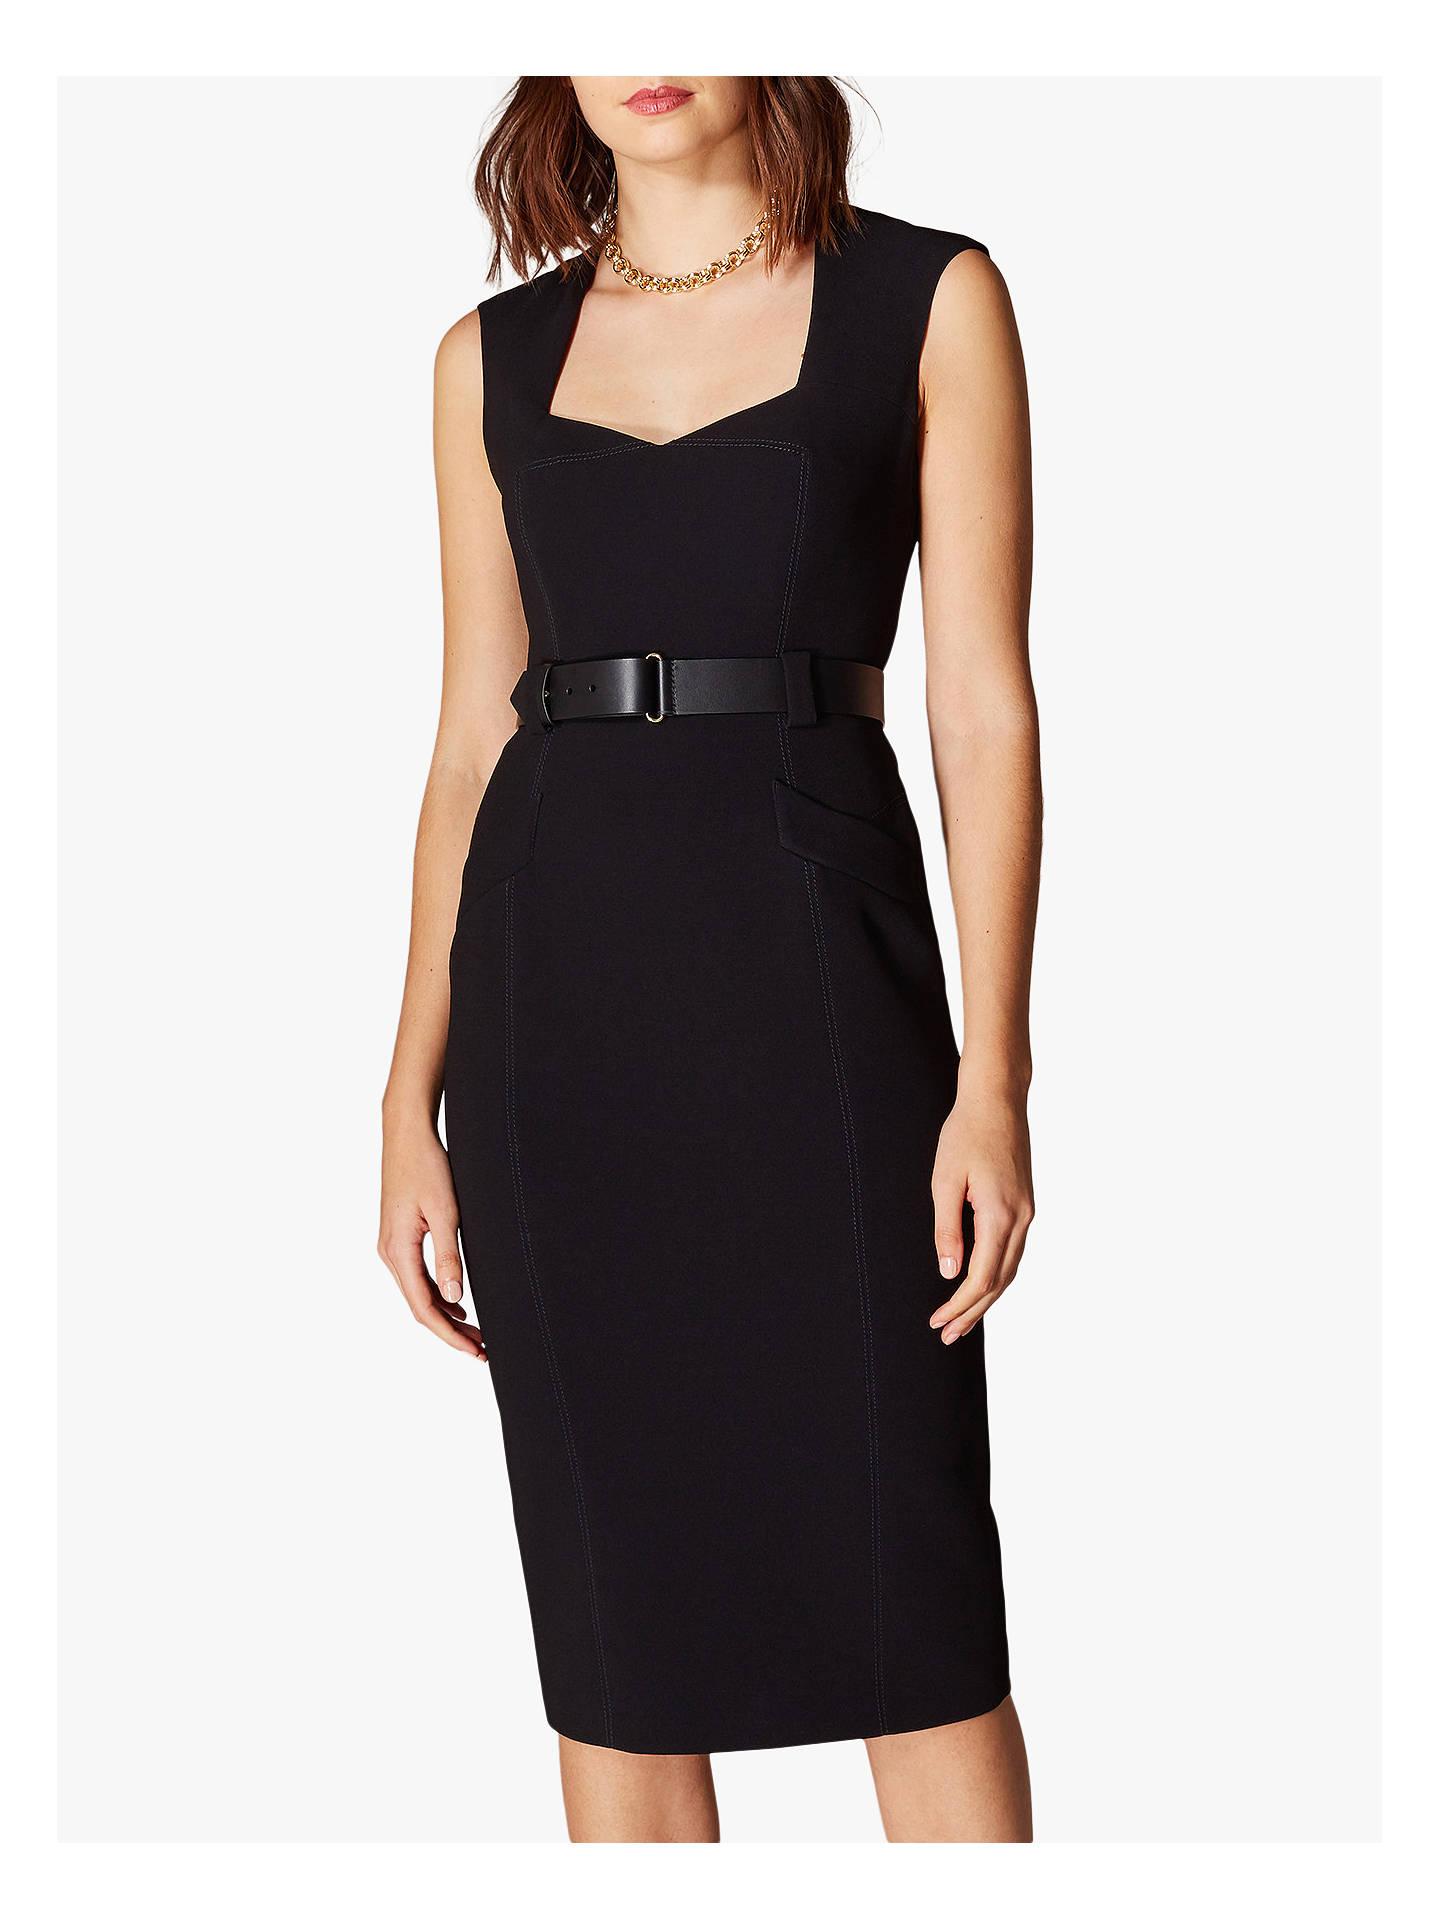 b5eff9e276e Buy Karen Millen Sleeveless Forever Dress, Black, 6 Online at johnlewis.com  ...